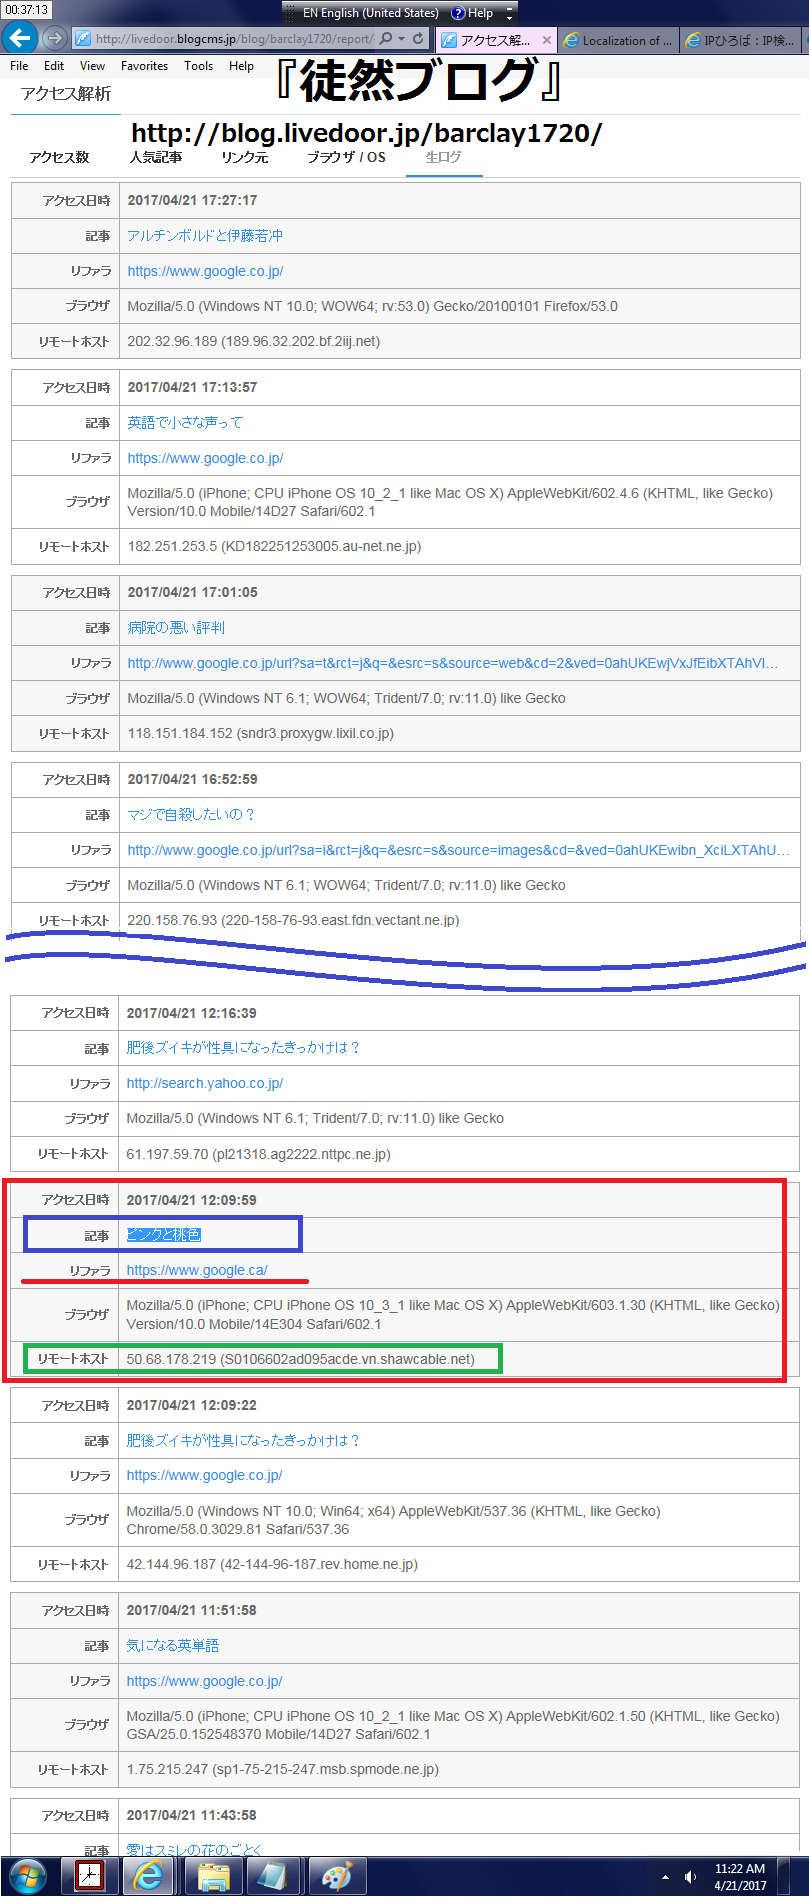 ライブドア『徒然ブログ』の日本時間で2017年4月21日の午前11時43分から午後5時27分までの約6時間の「生ログ」の一部